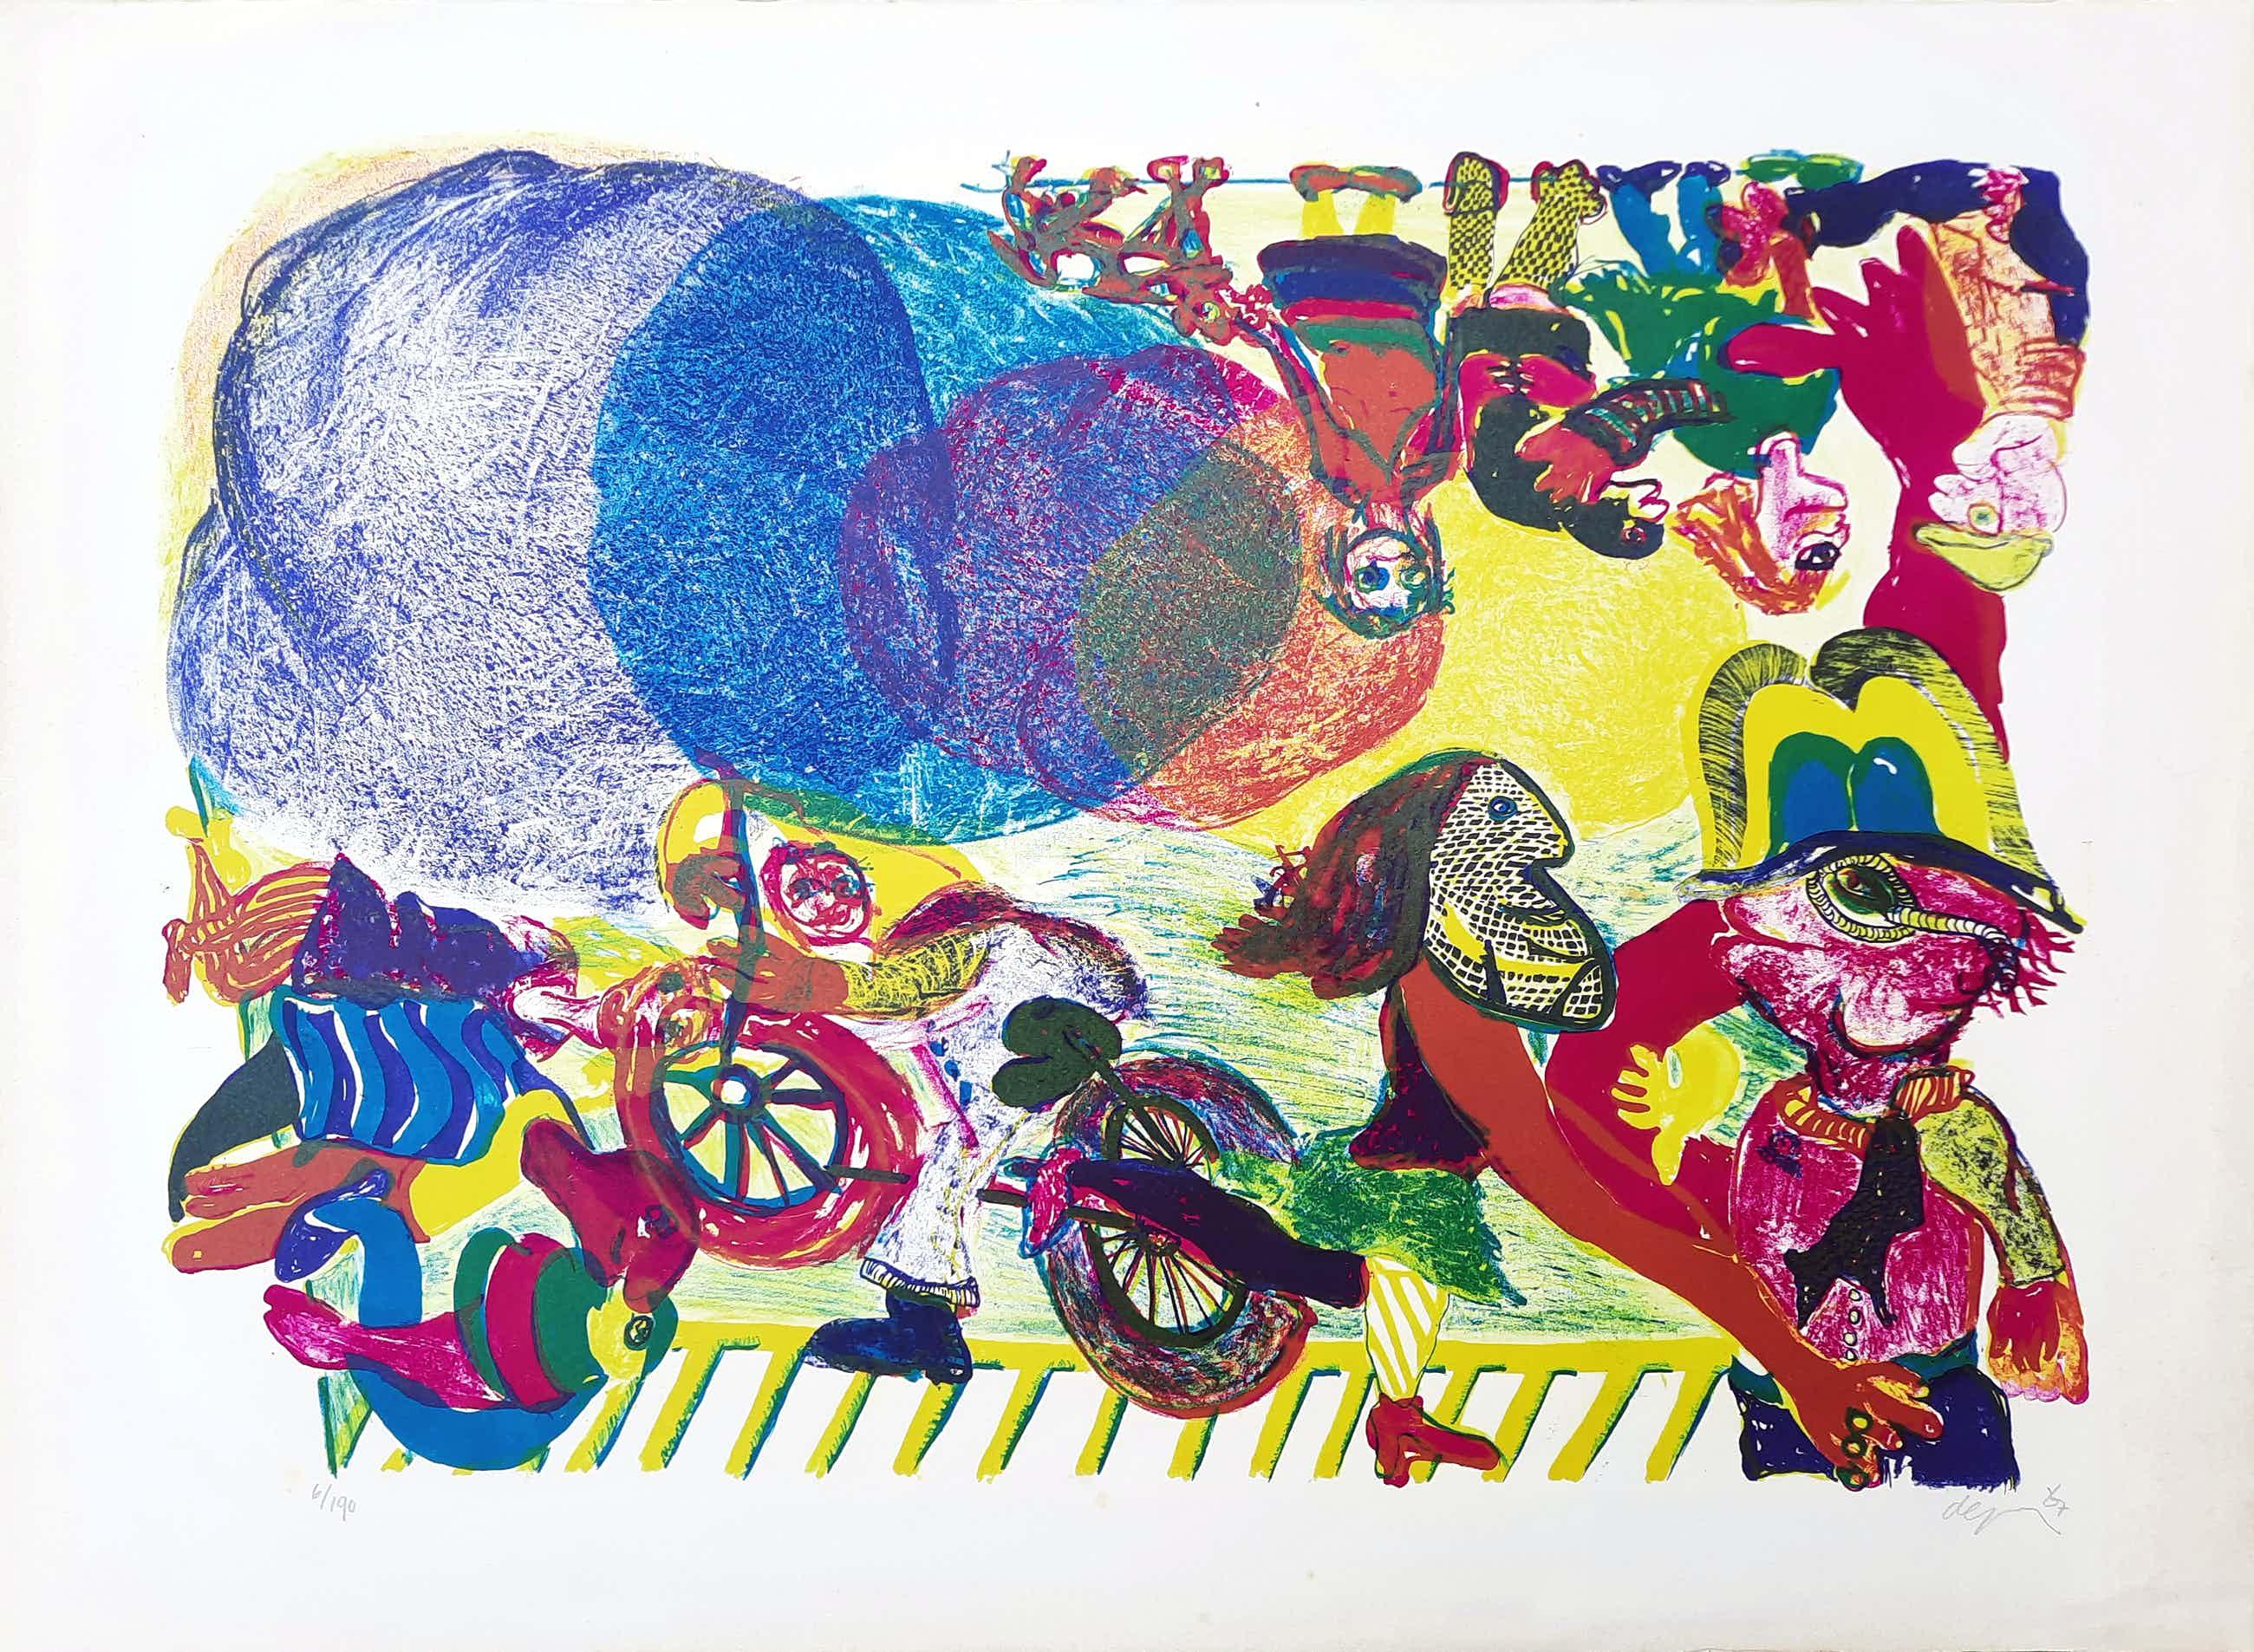 Jacqueline de Jong - kleurrijke steendruk - Zonder titel 6/190 - prent 190 - 21924 kopen? Bied vanaf 75!